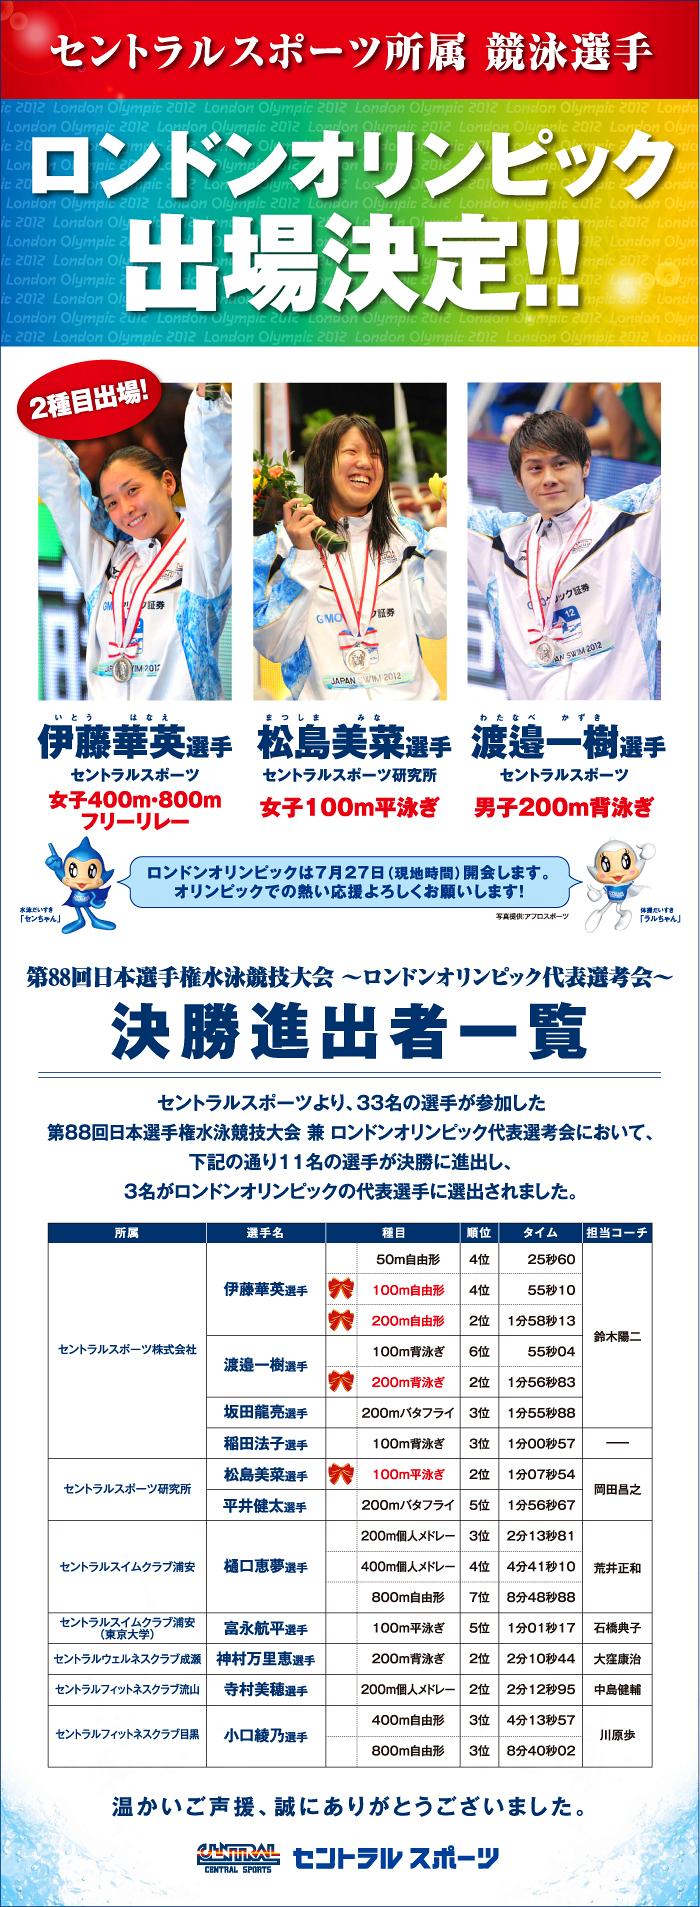 【競泳】3名の選手がロンドンオリンピック出場決定!!